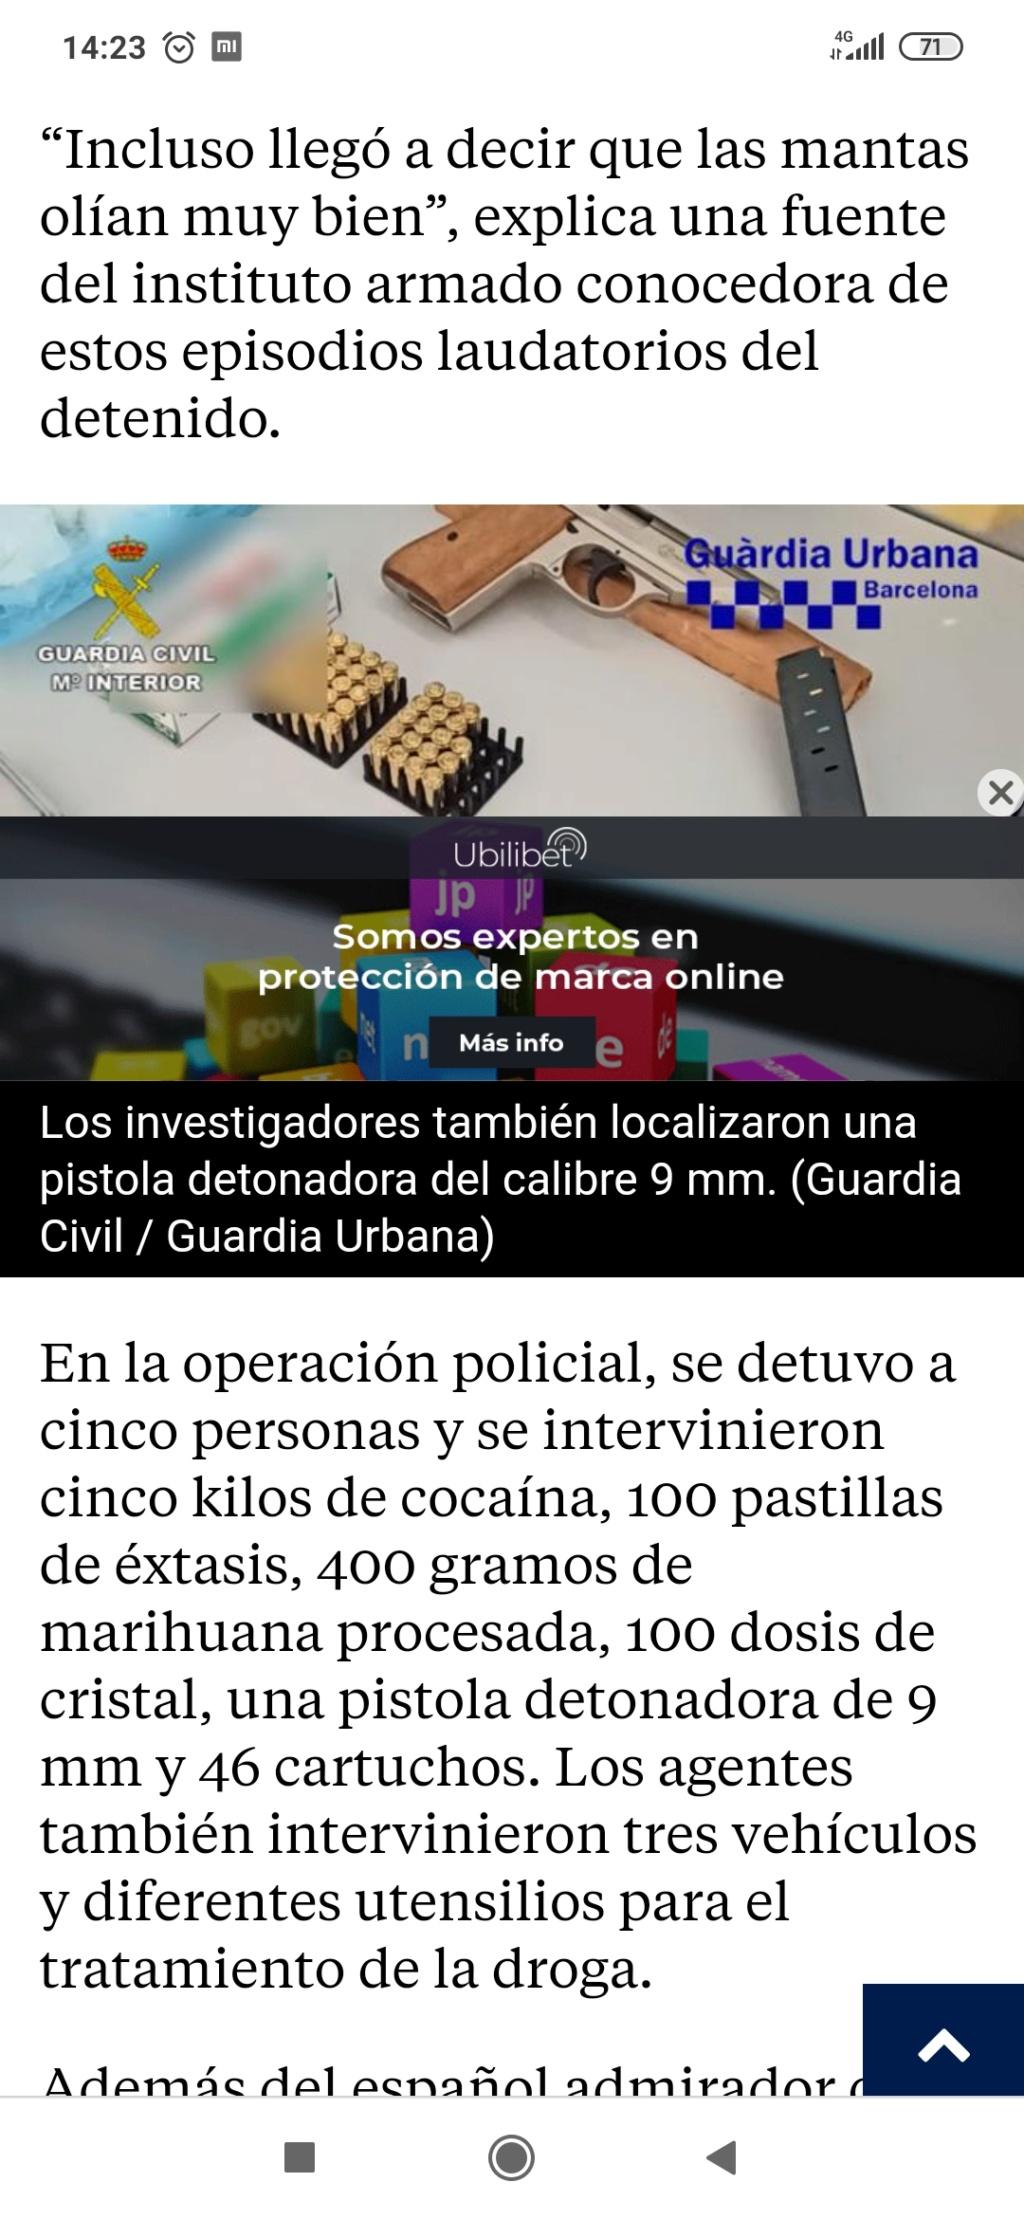 NOTICIAS QUE NO SON DEL MUNDO TODAY PERO CASI - Página 20 Screen14